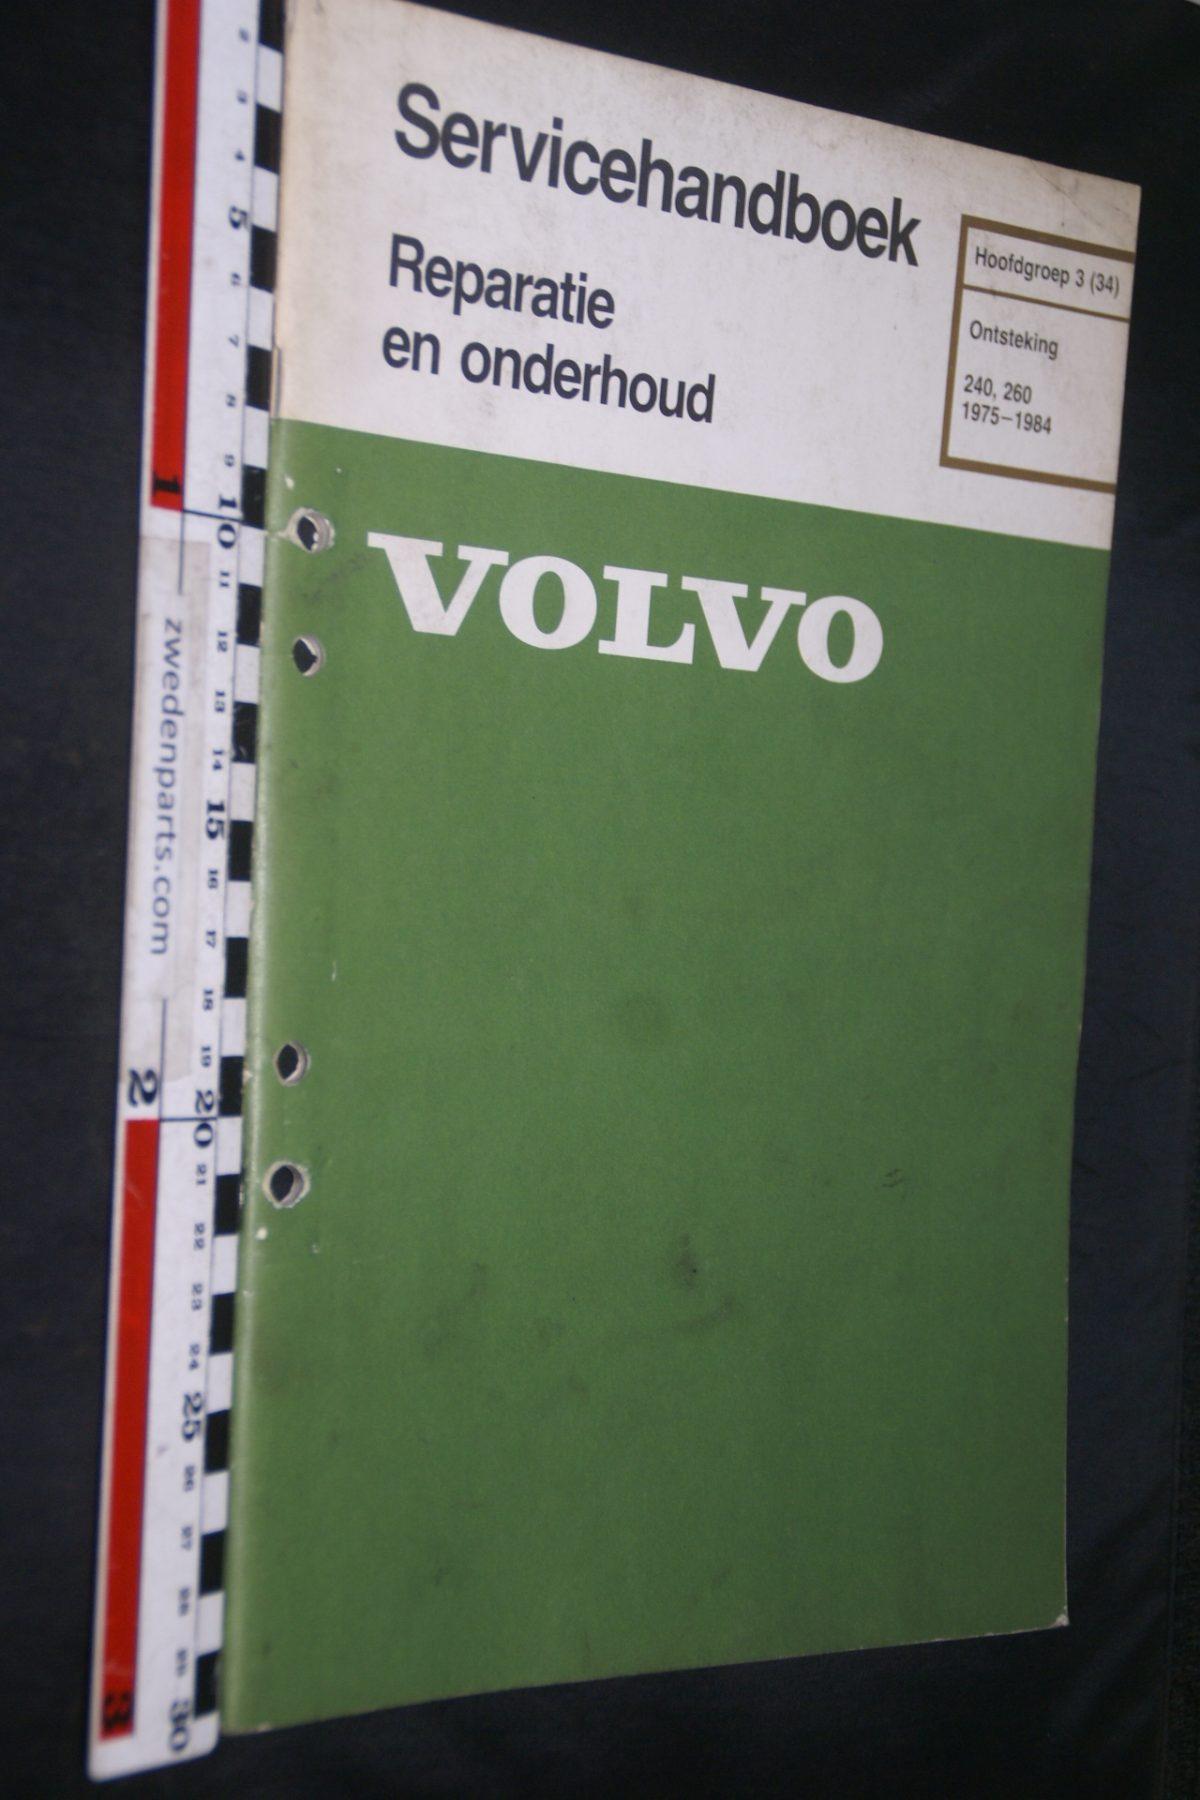 DSC06754 1983 origineel Volvo 240, 260 servicehandboek 3 (34) ontsteking 1 van 800 TP 30463